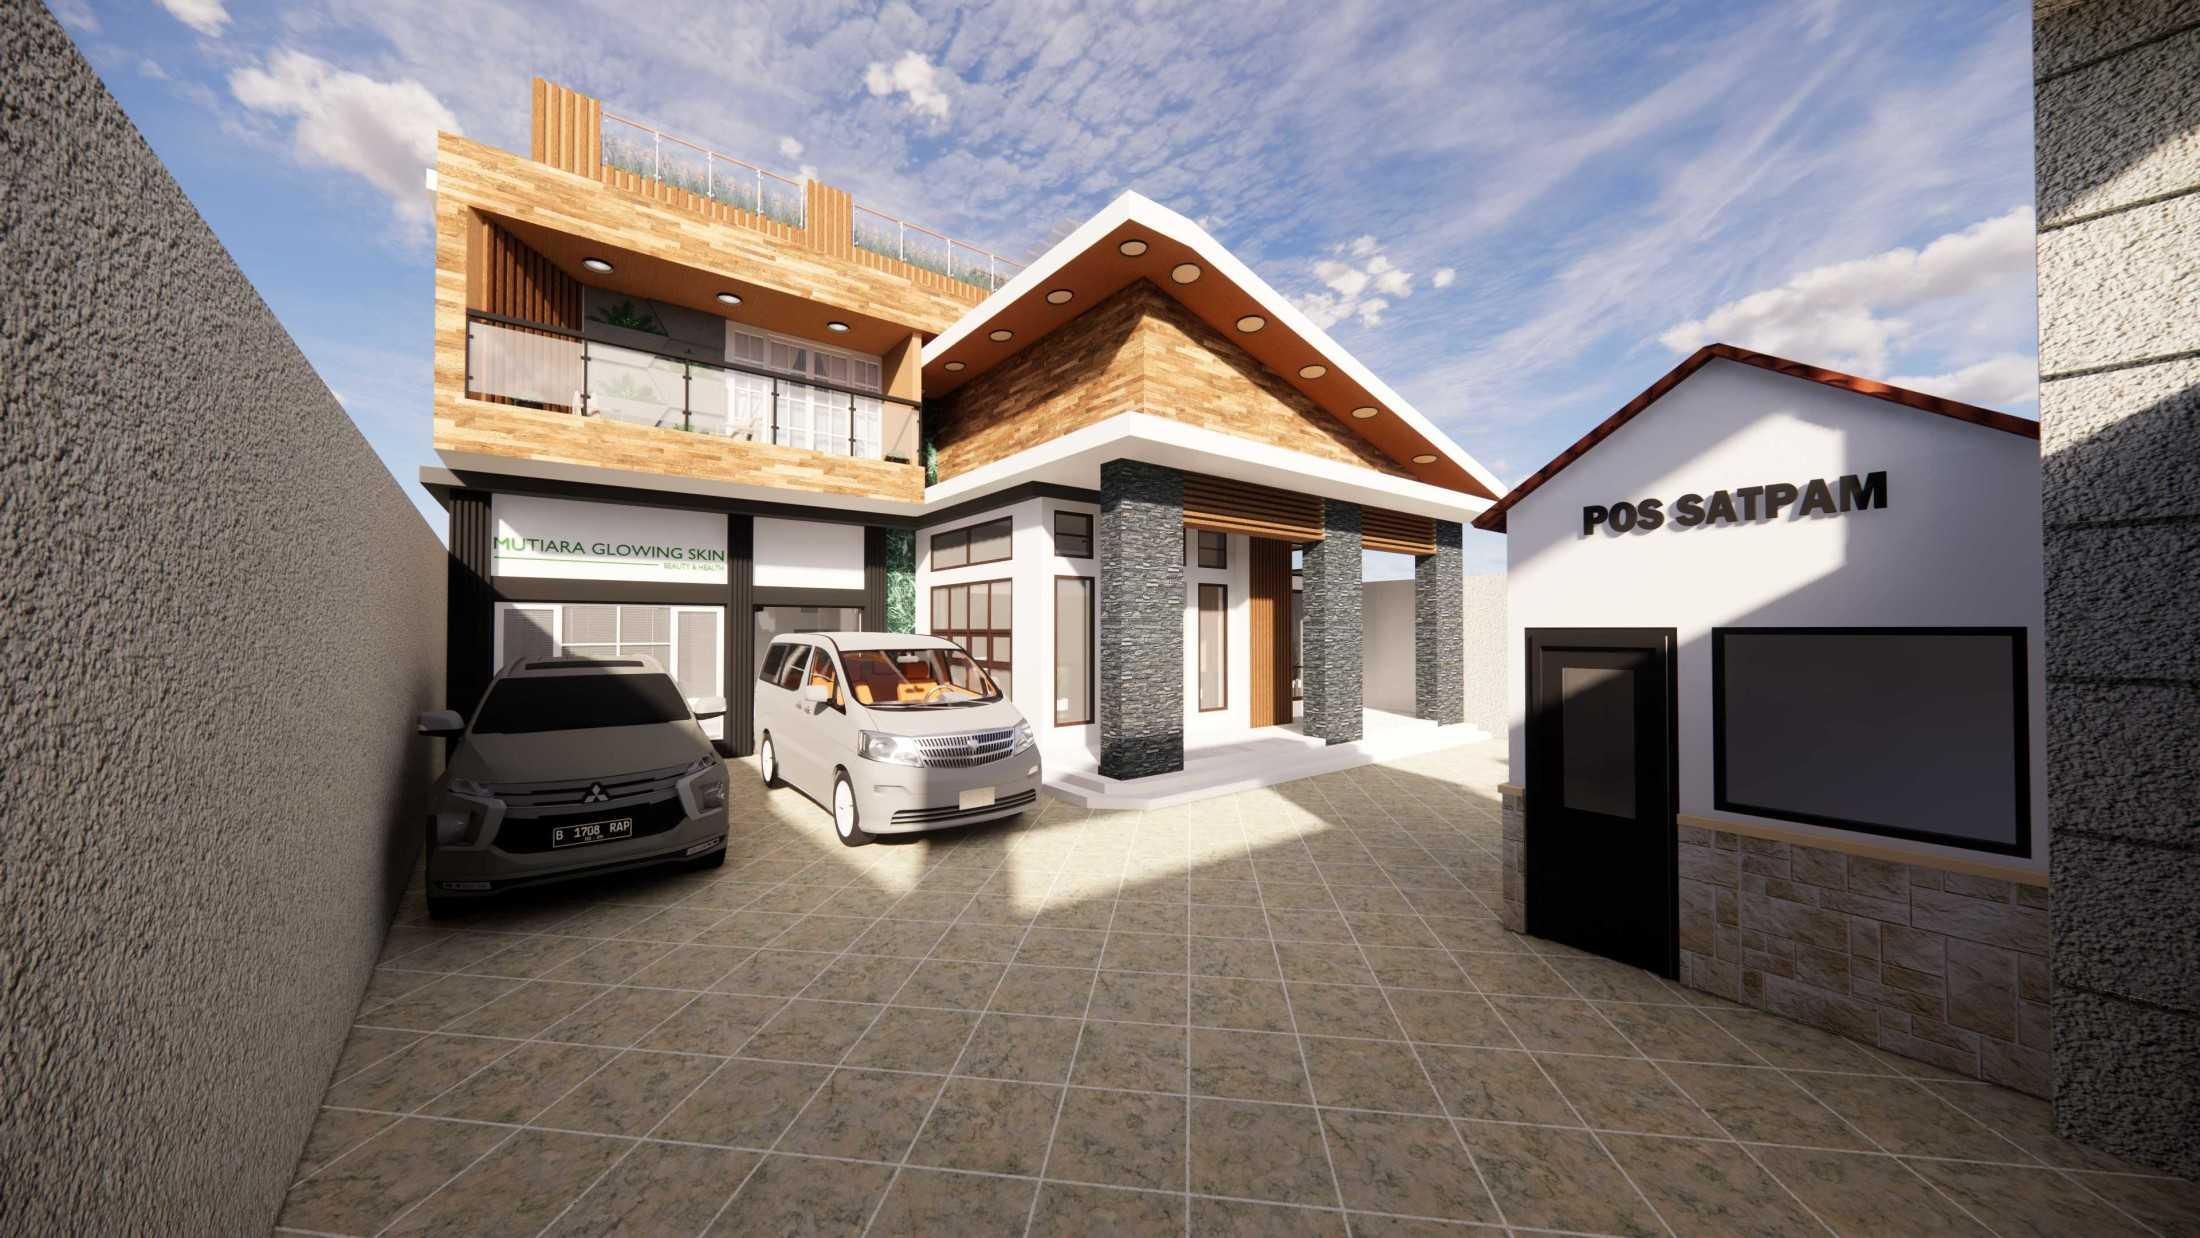 Jasa Design and Build Menata kolaboratif studio di Serang